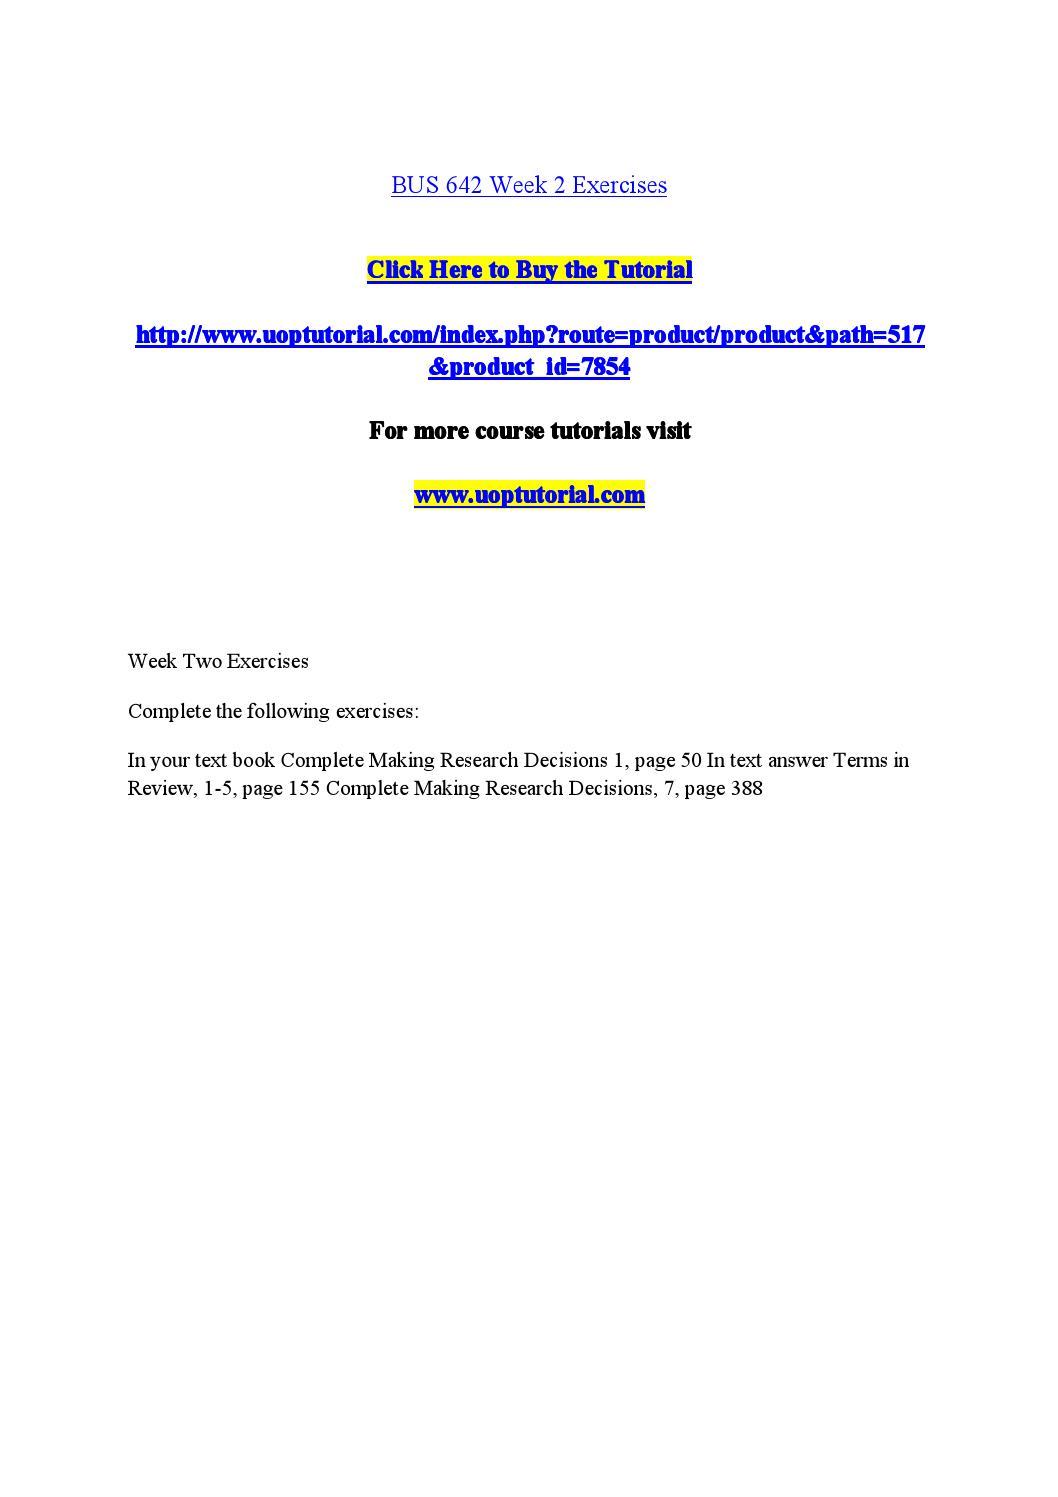 BUS 642 Course Material – bus642dotcom